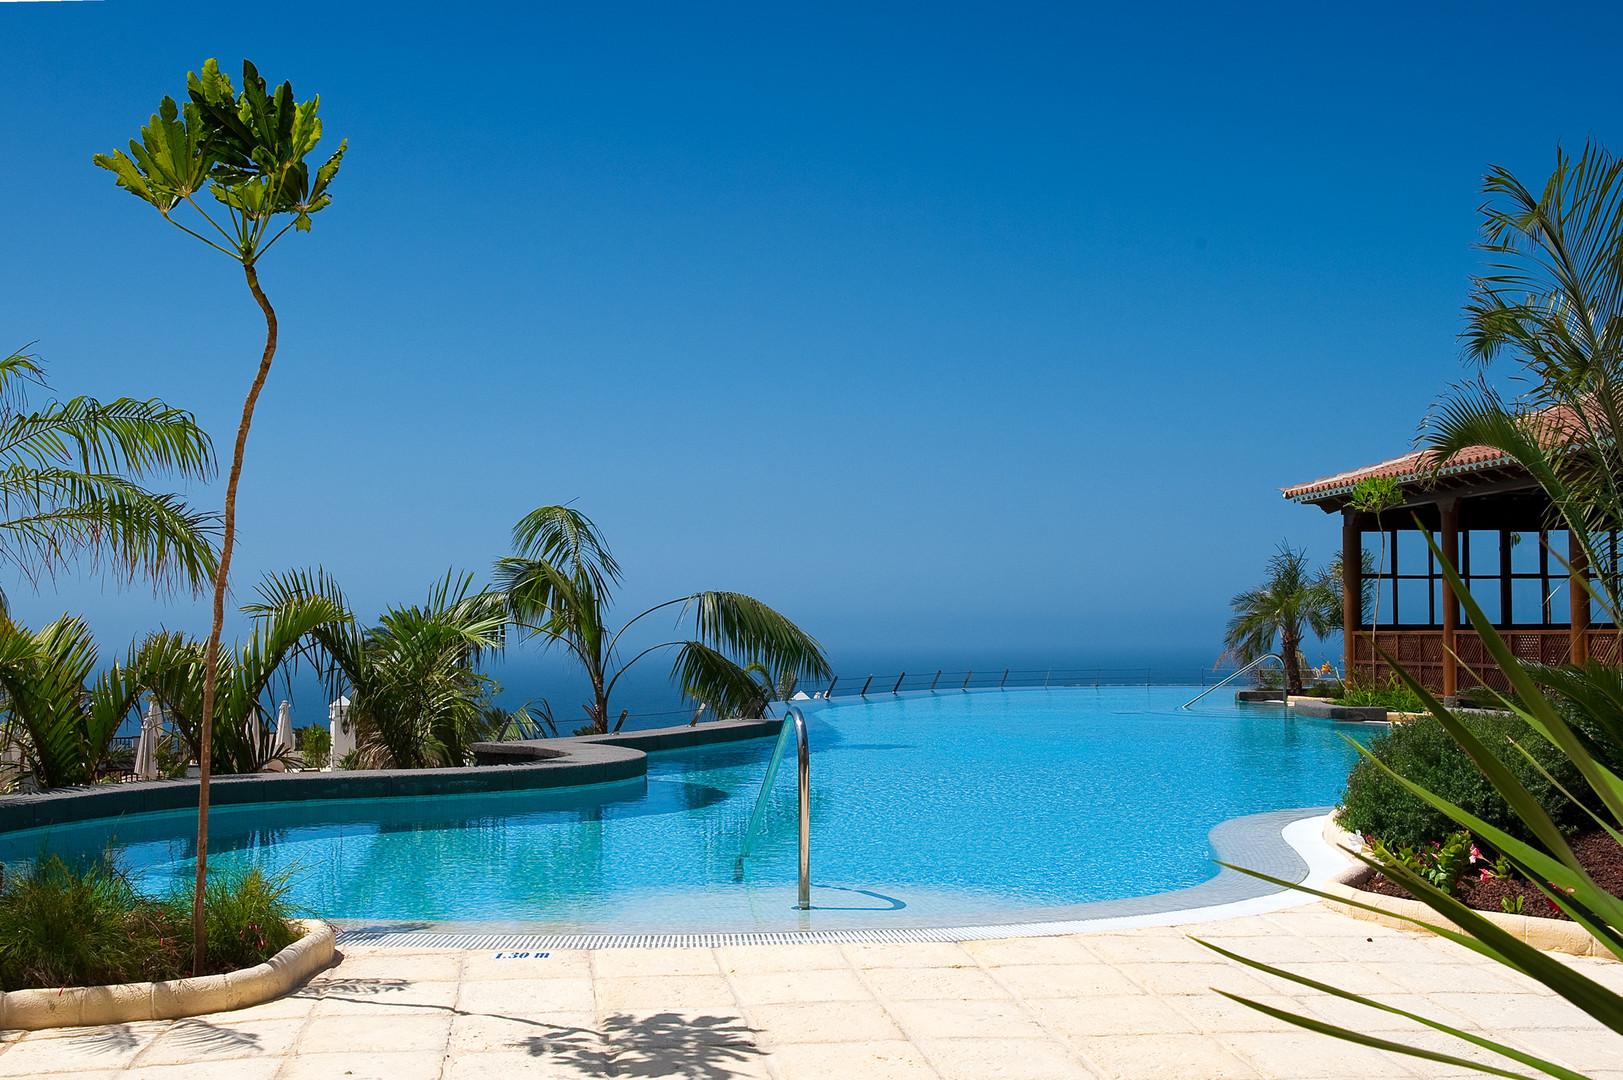 Hotel Melia Hacienda del Conde #3